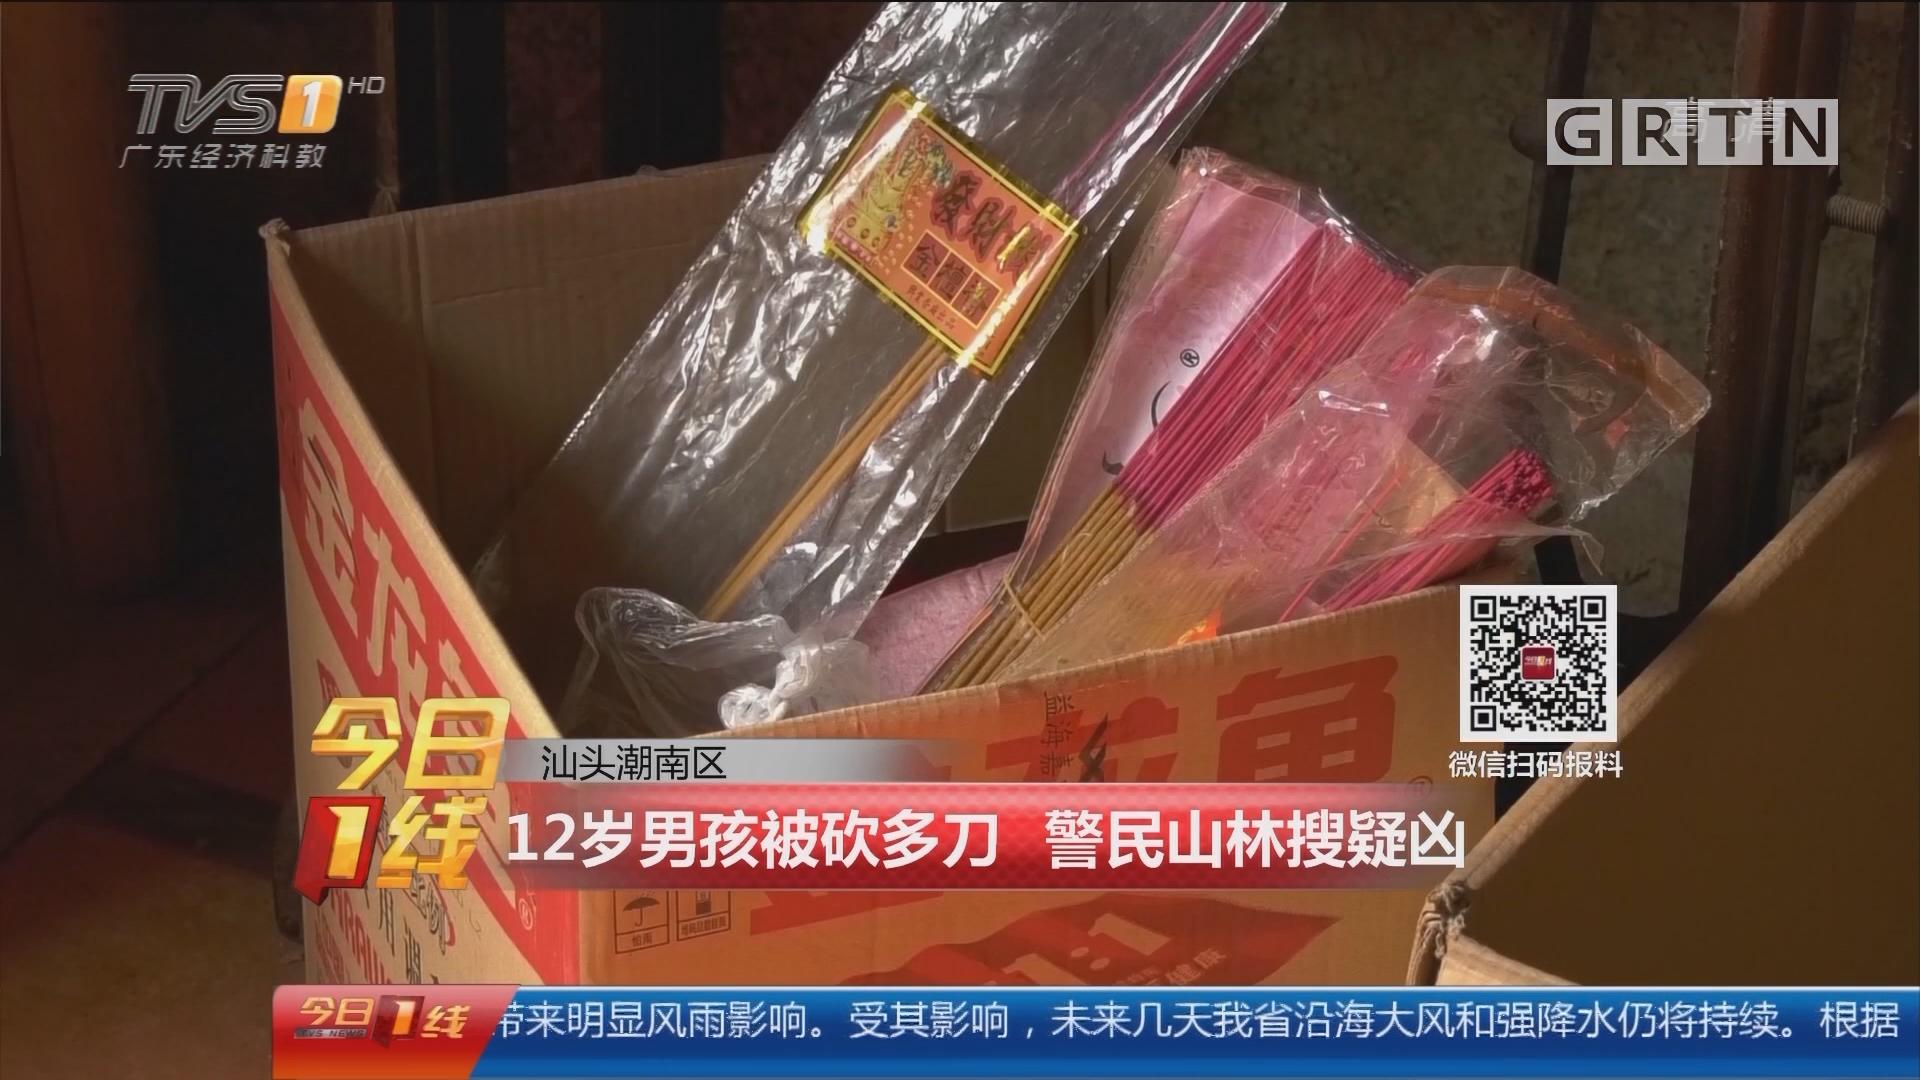 汕头潮南区:12岁男孩被砍多刀 警民山林搜疑凶